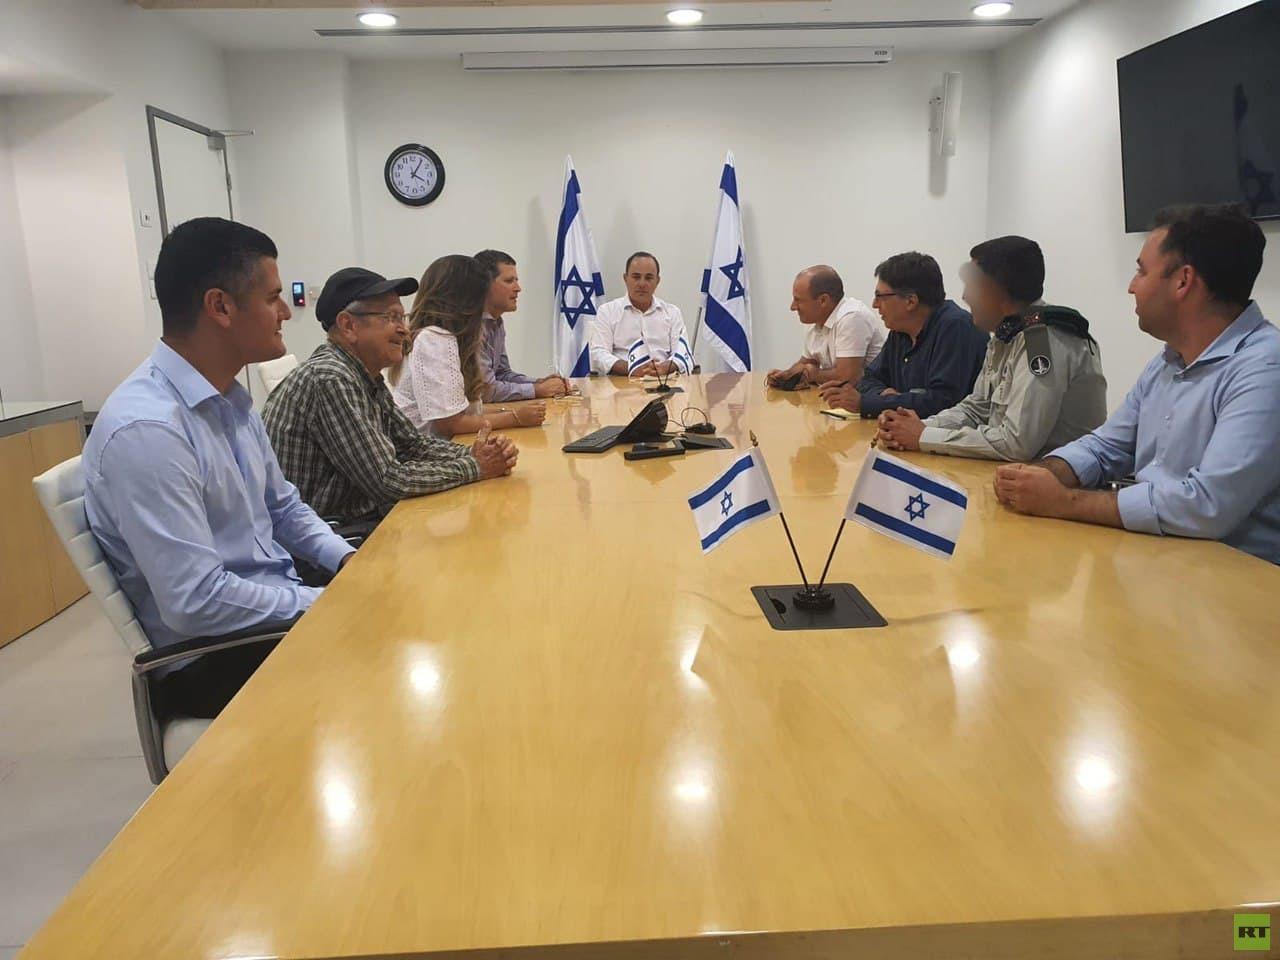 إسرائيل تعلن استئناف محادثات ترسيم الحدود مع لبنان